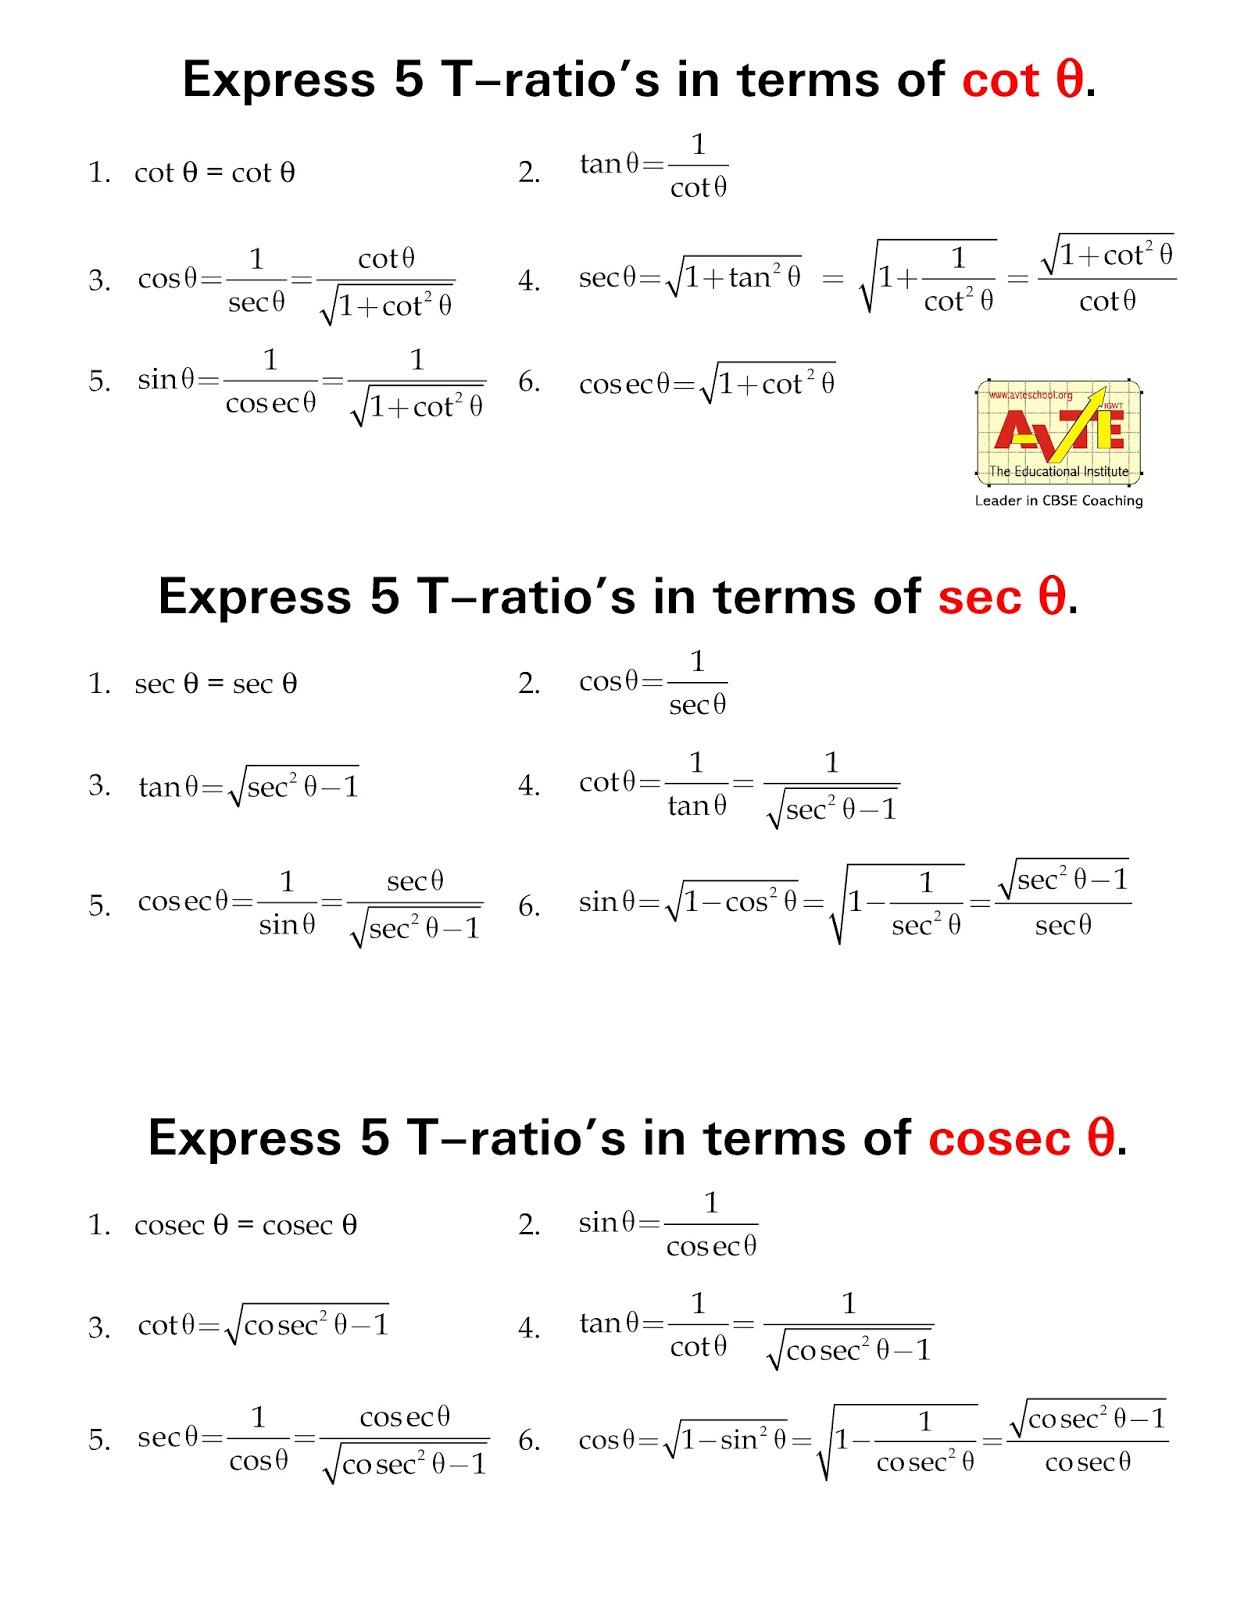 Mathsall Express Trigonometry Ratios In Terms Of Cot Sec Cosec ExpressBTBratiosBinBcotBsecBcosec Express Trigonometry Ratios In Terms Of